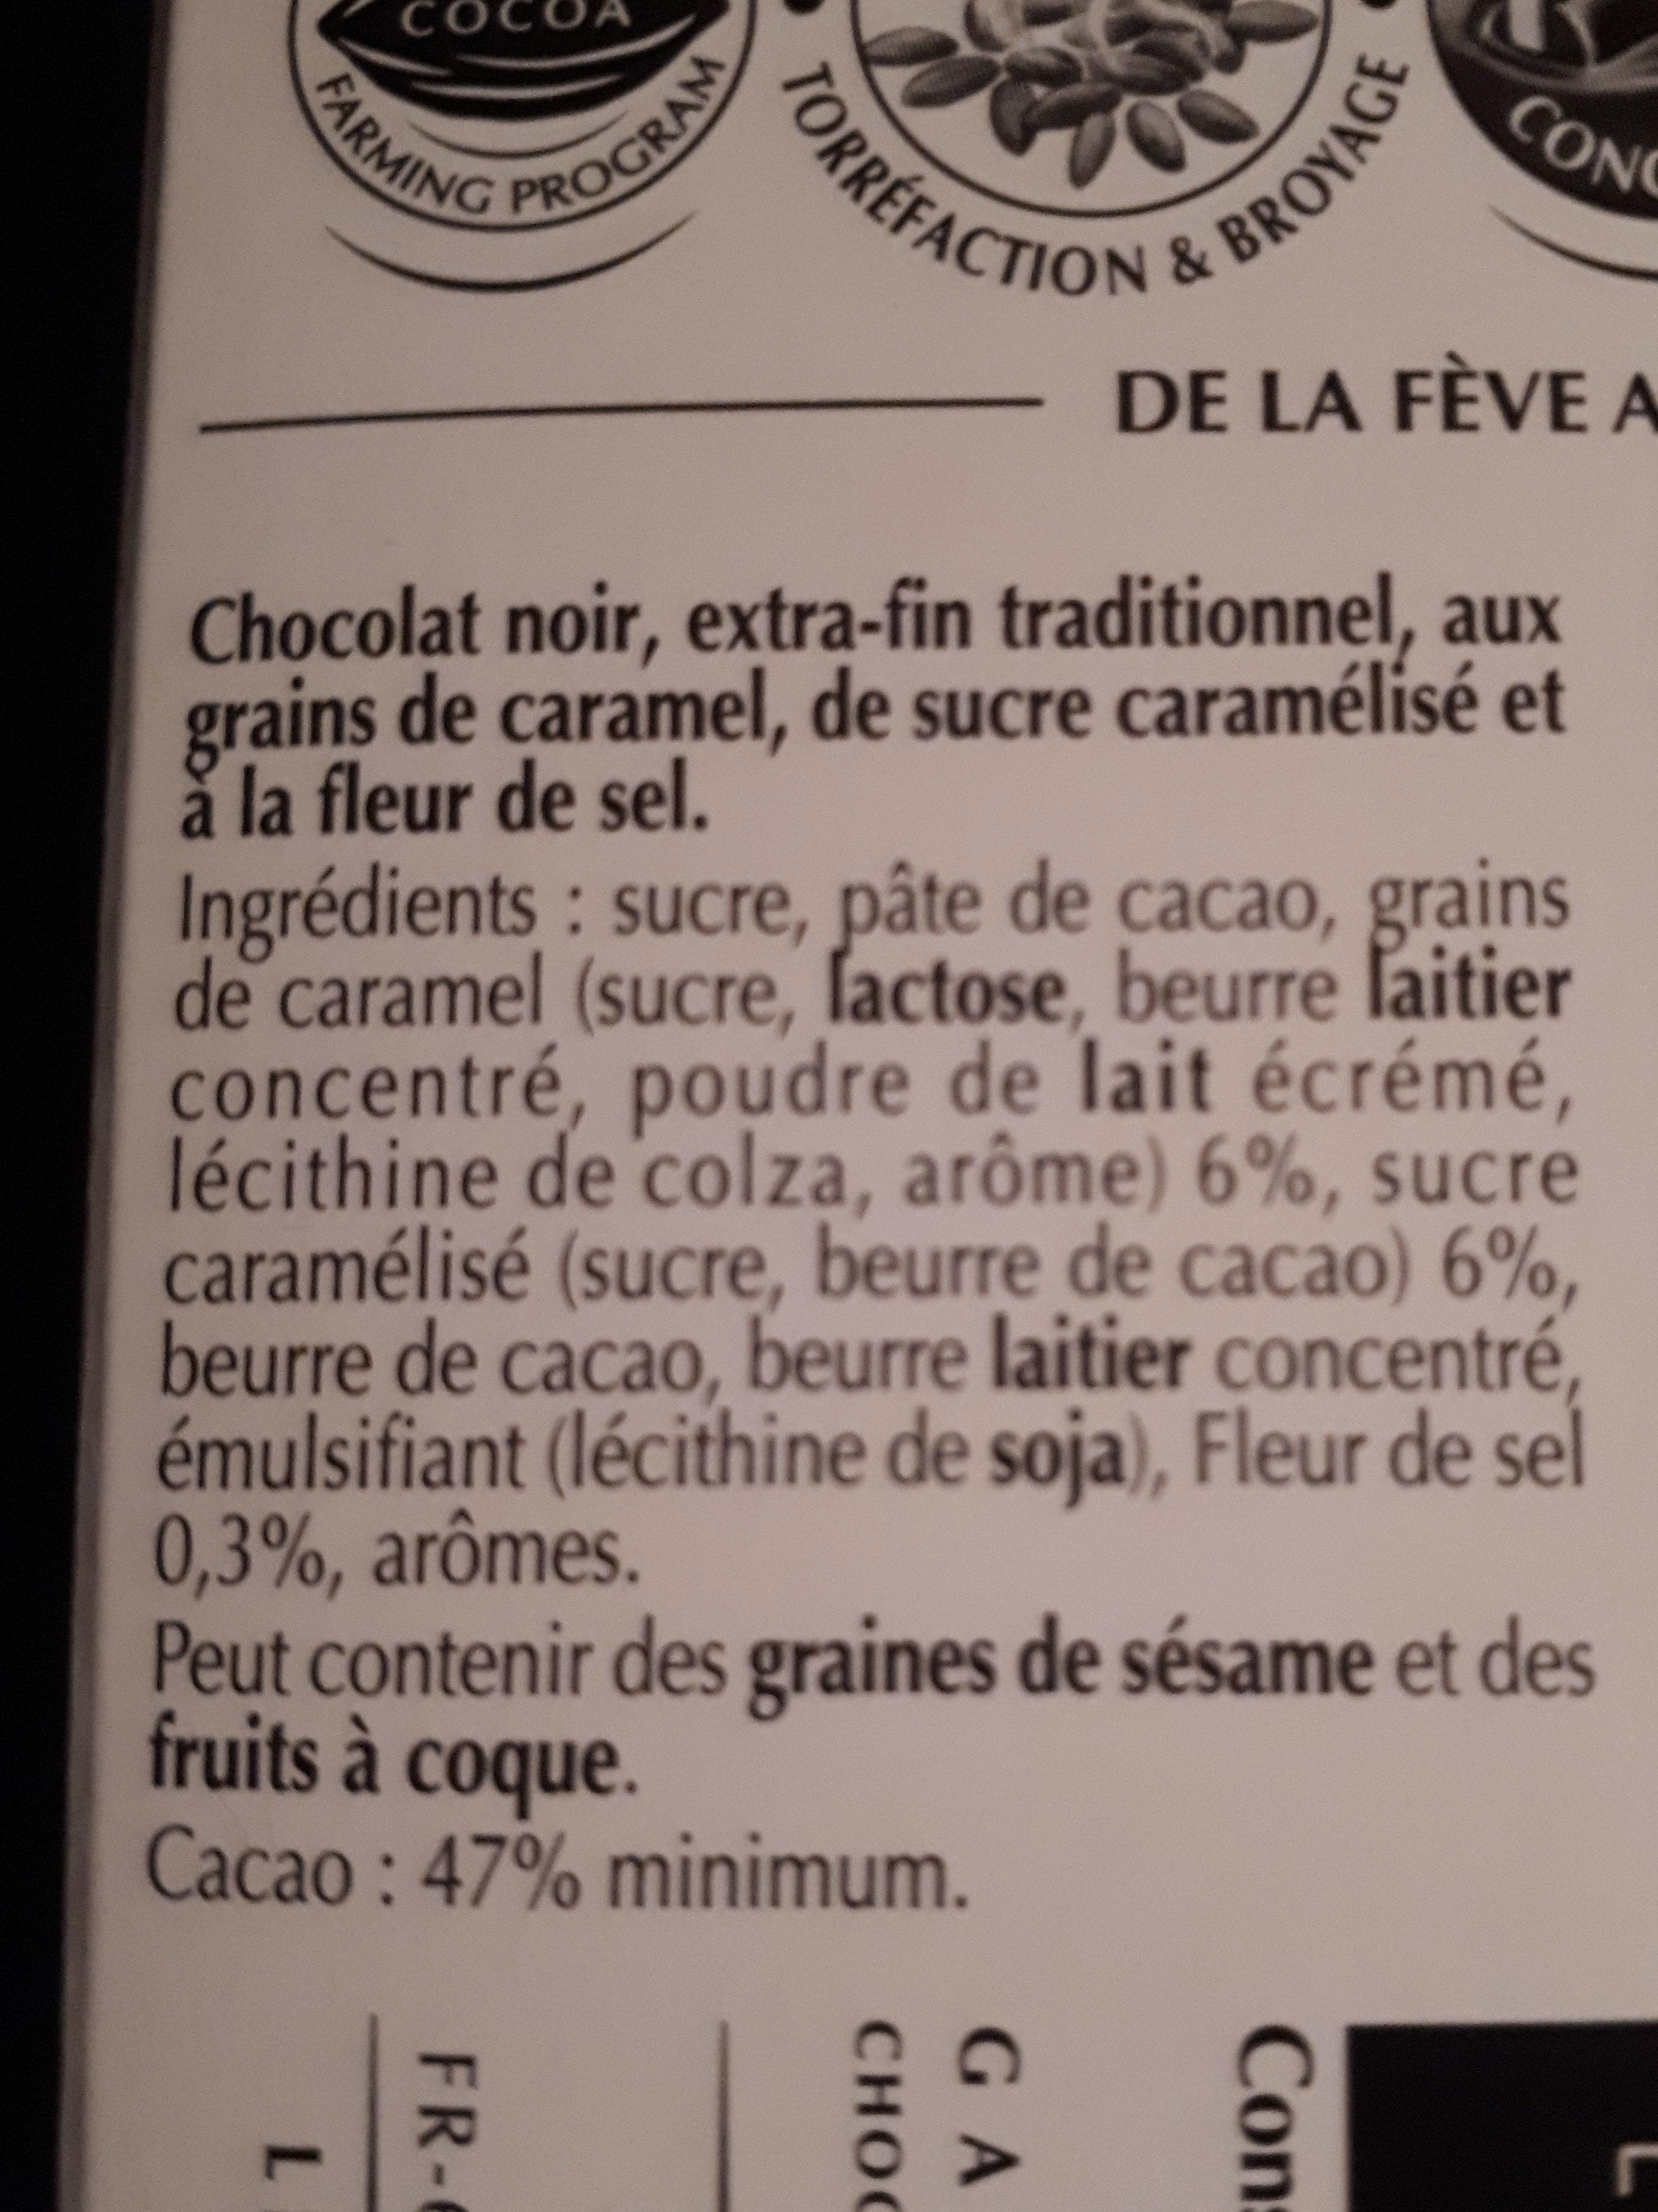 minet chocolat noir caramel pointé de sel - Ingredients - fr